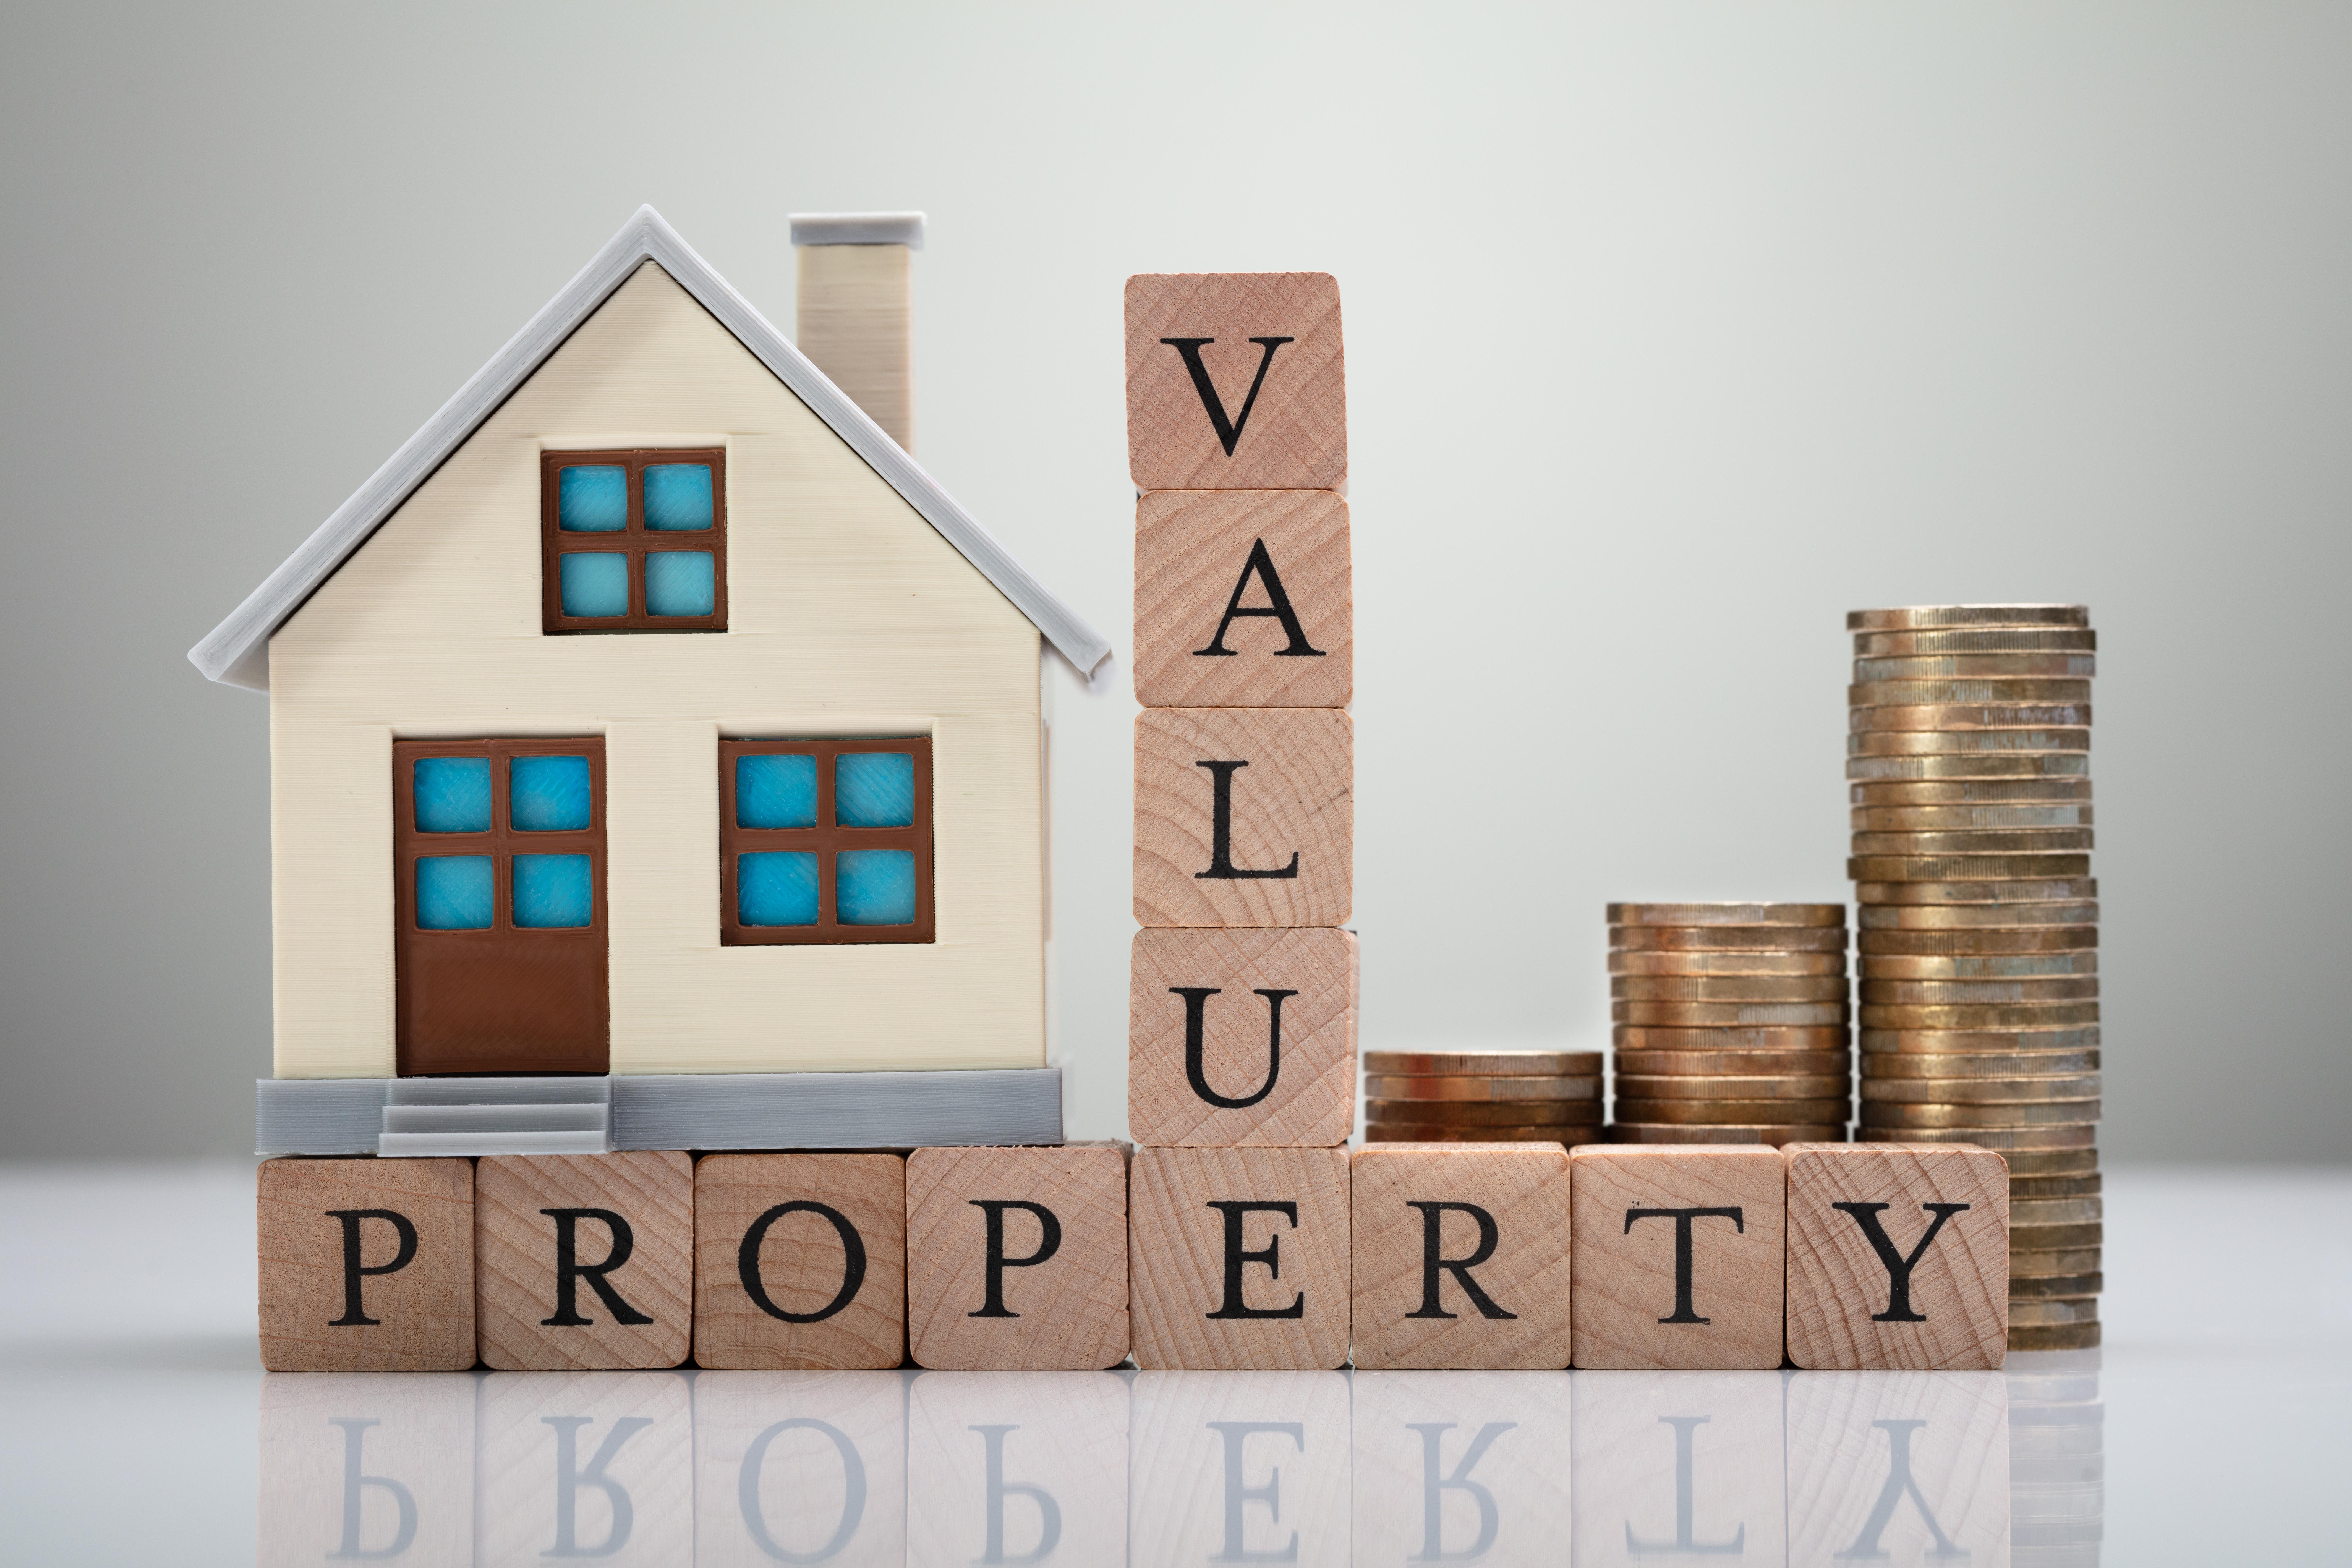 How Do HOA's Impact Property Values?